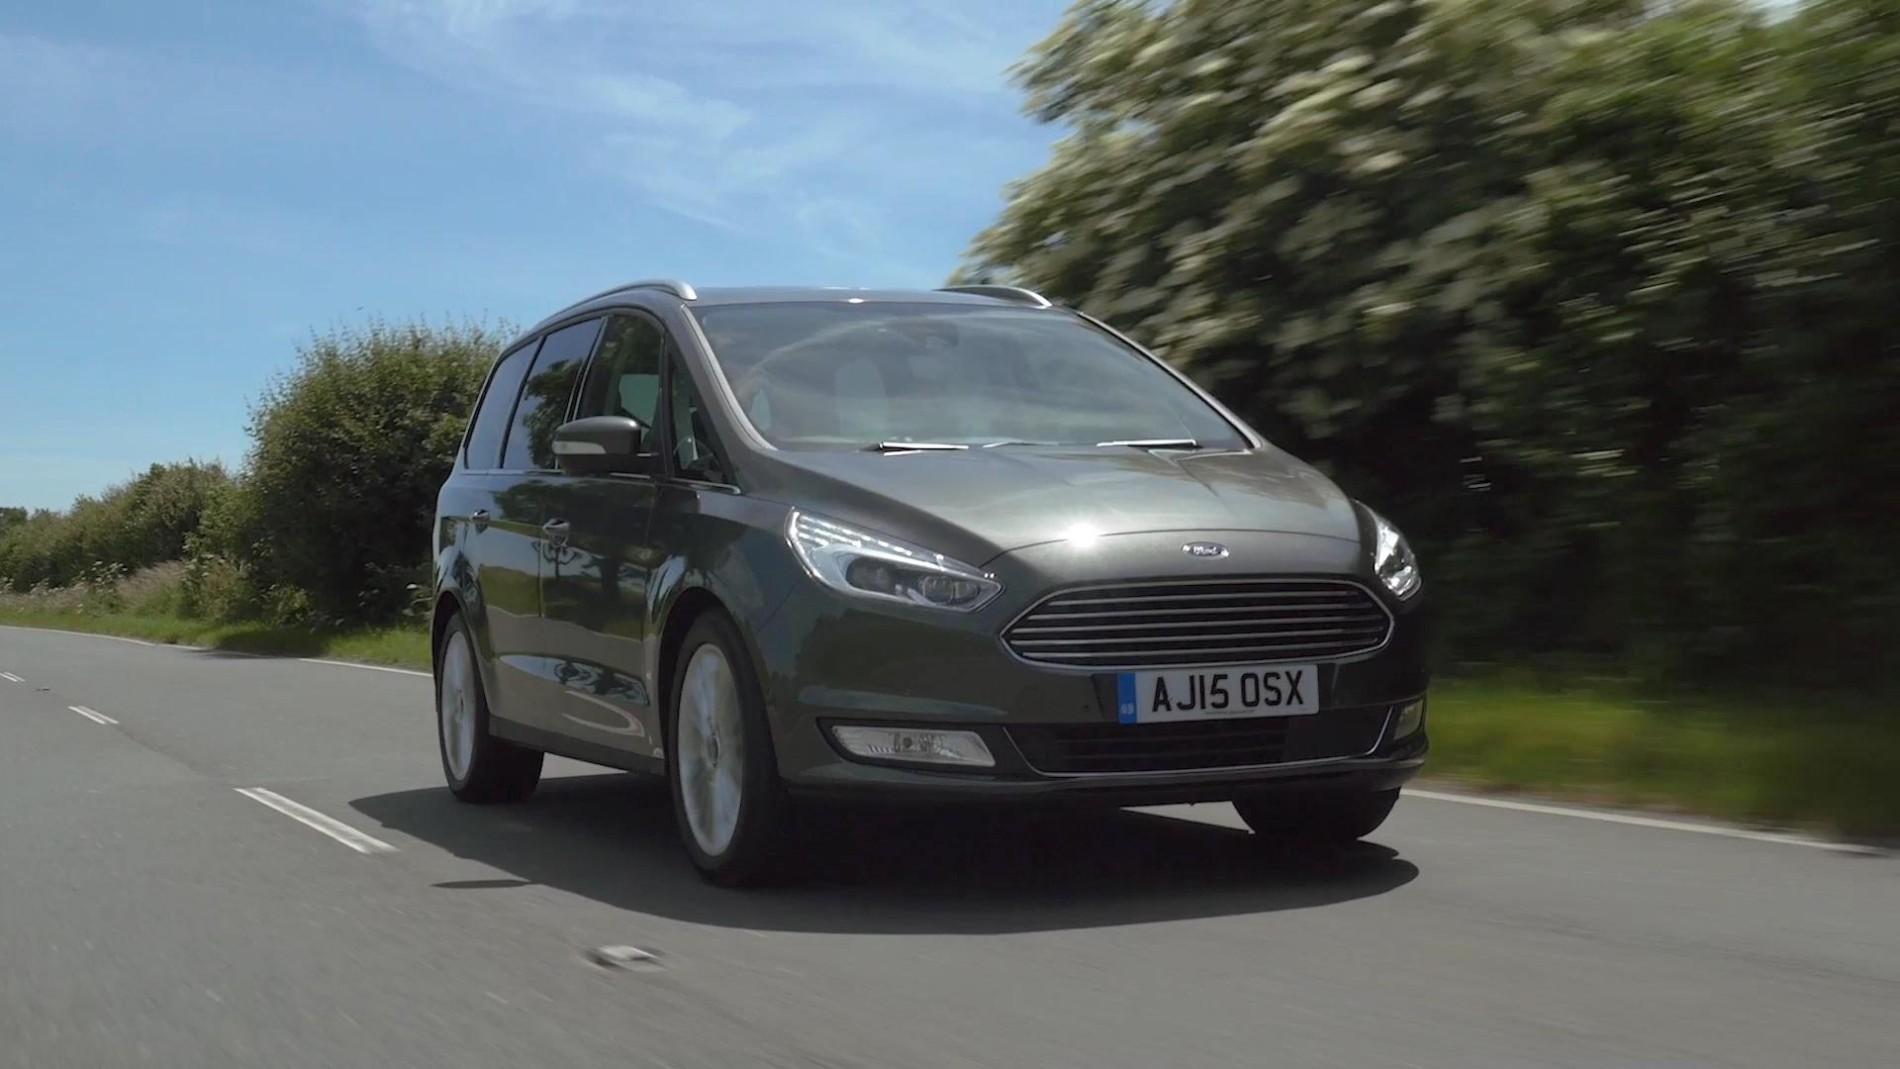 Neuer Ford Galaxy Im Test Preis Und Technische Daten